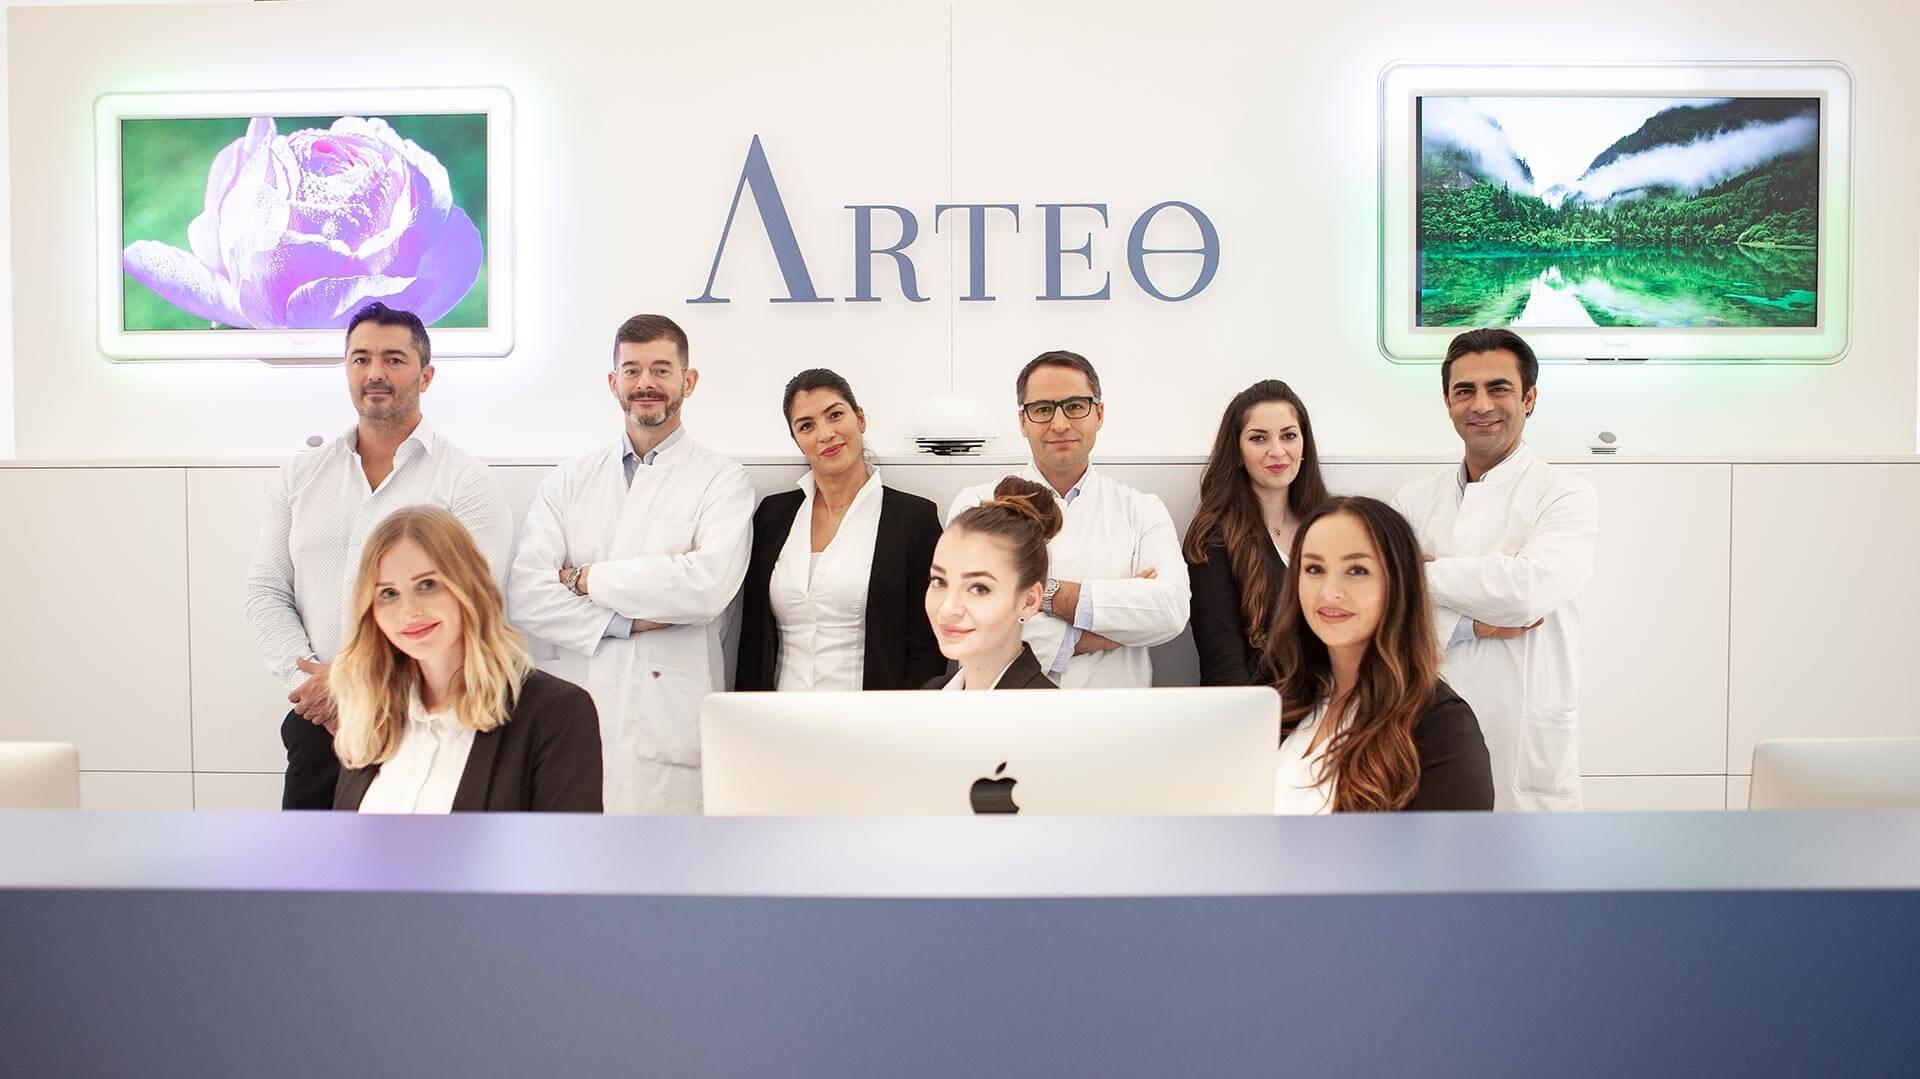 Das Team der Arteo Klinik für plastische Chirurgie in Düsseldorf